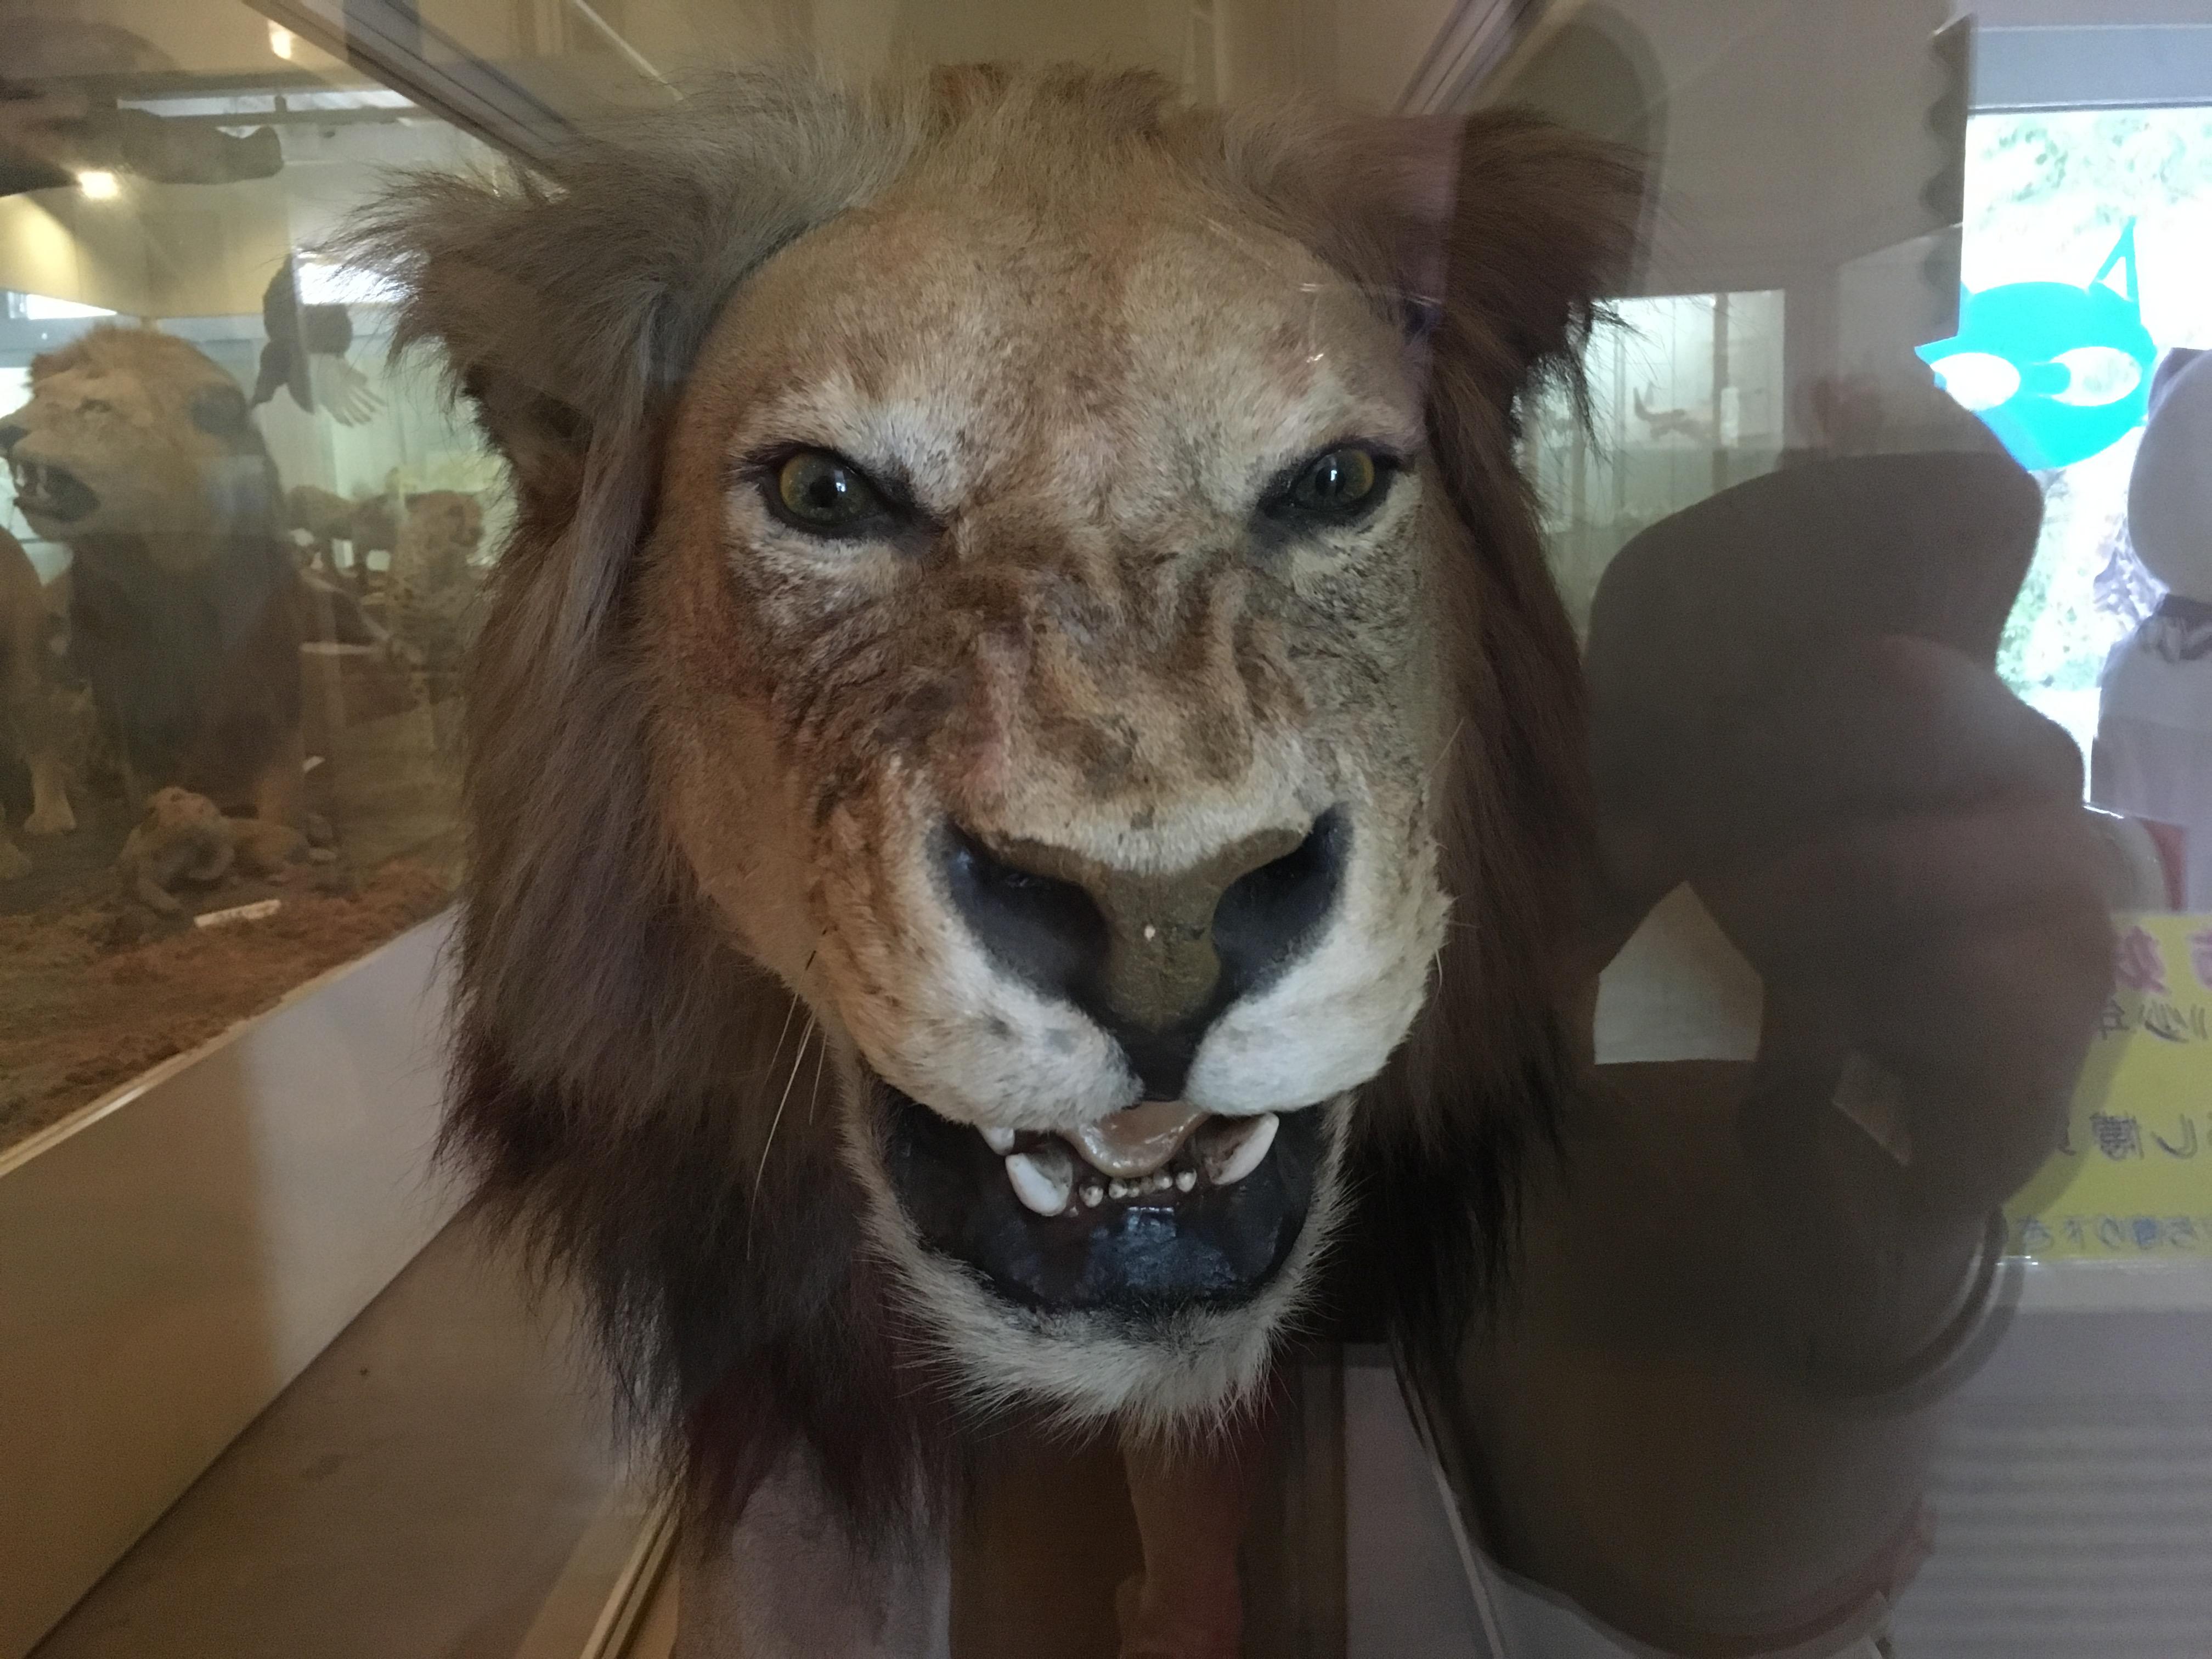 静岡の穴場ねこの博物館1階の50センチ距離のライオン